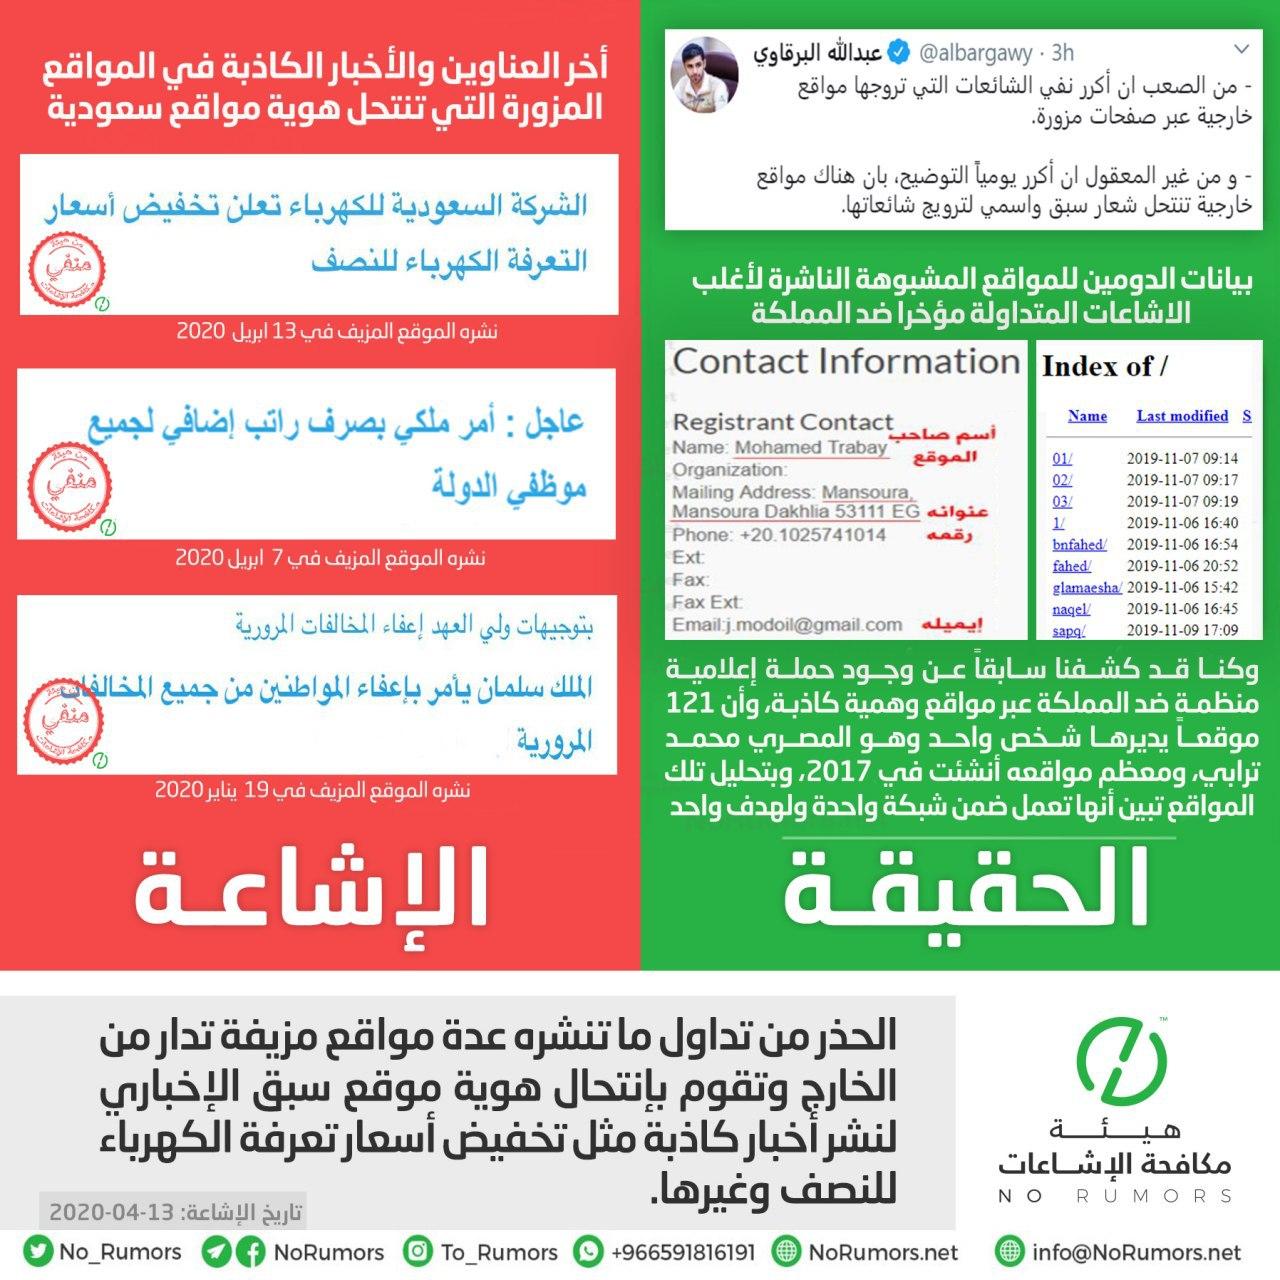 حقيقة مايتداول عبر مواقع مزيفة عن تخفيض أسعار تعرفة الكهرباء في السعودية للنصف